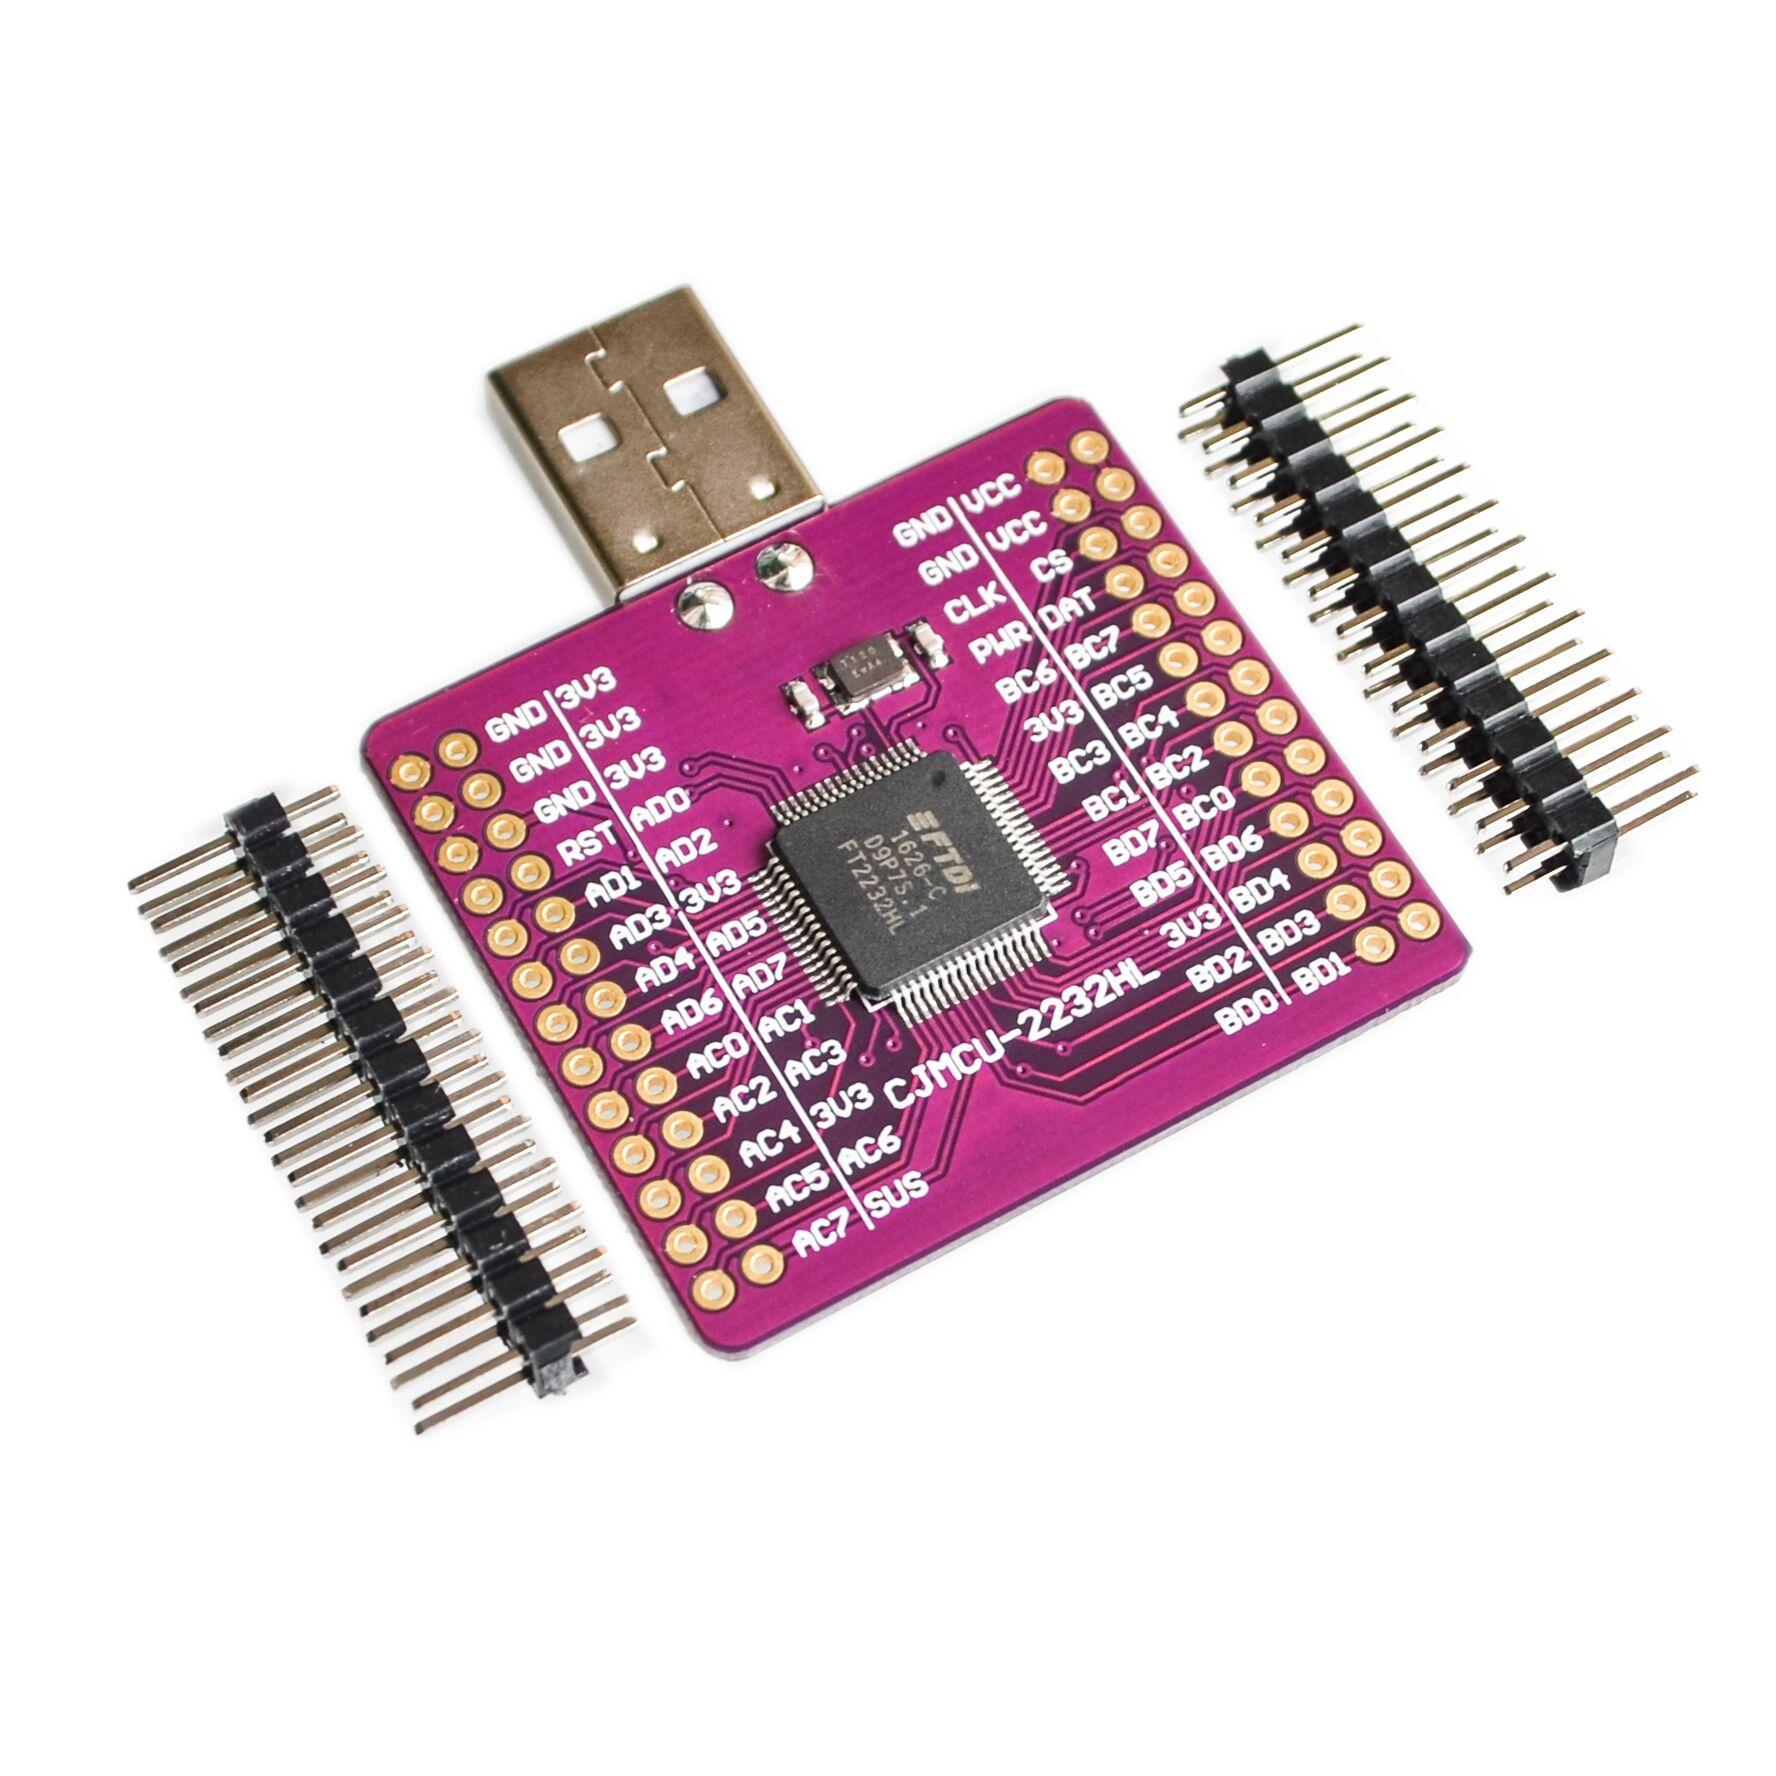 CJMCU-2232 FT2232HL USB TURN UART/FIFO/SPI/I2C/JTAG/RS232 module external memory